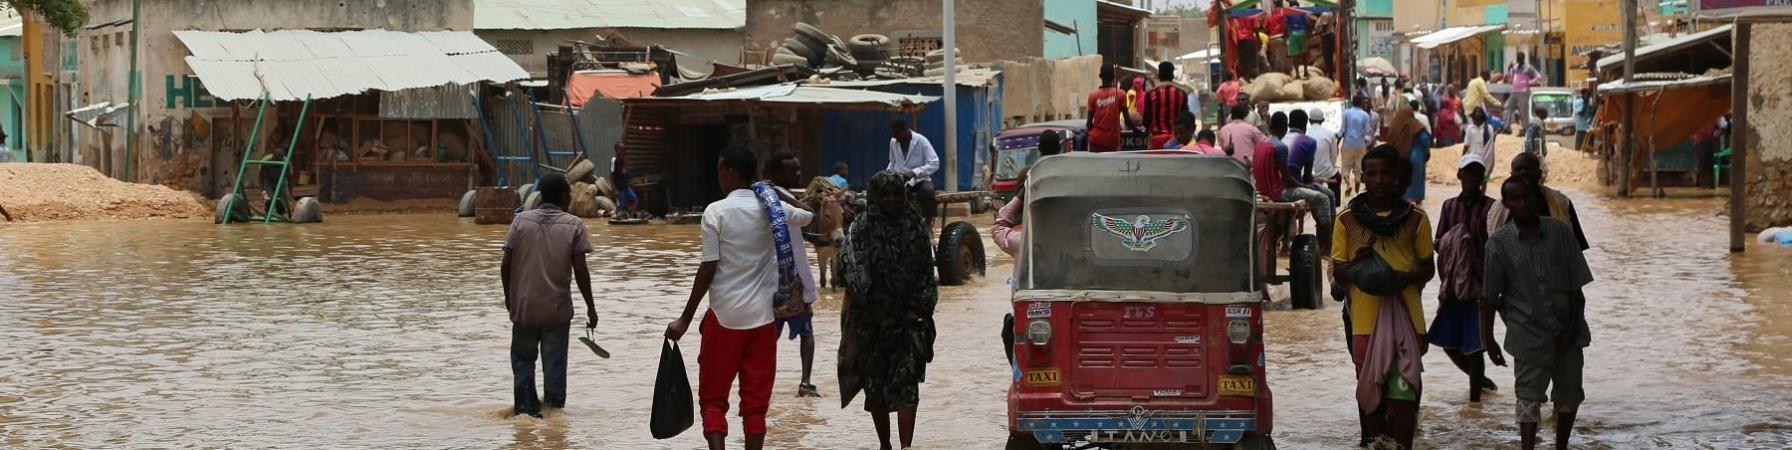 Popolazione somala sfollata a causa delle alluvioni cammina in acqua fangosa